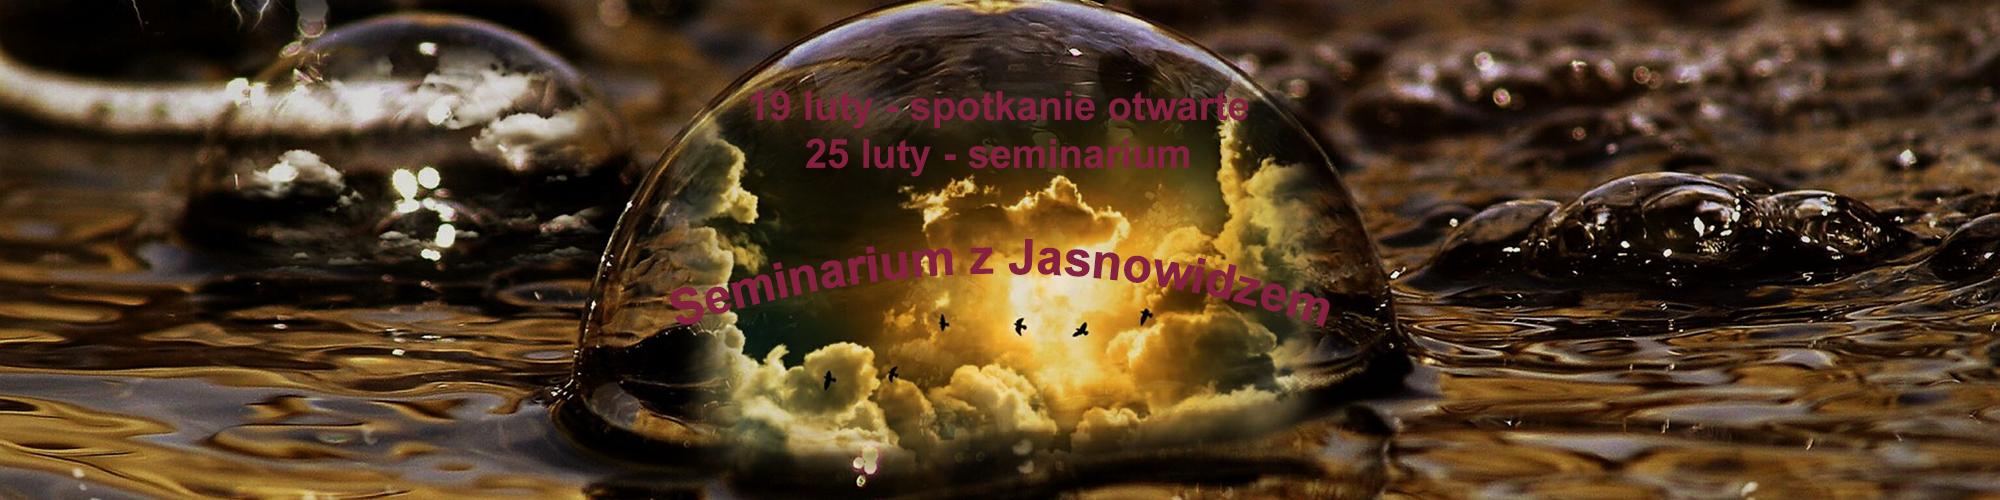 jasnowidz-banner1